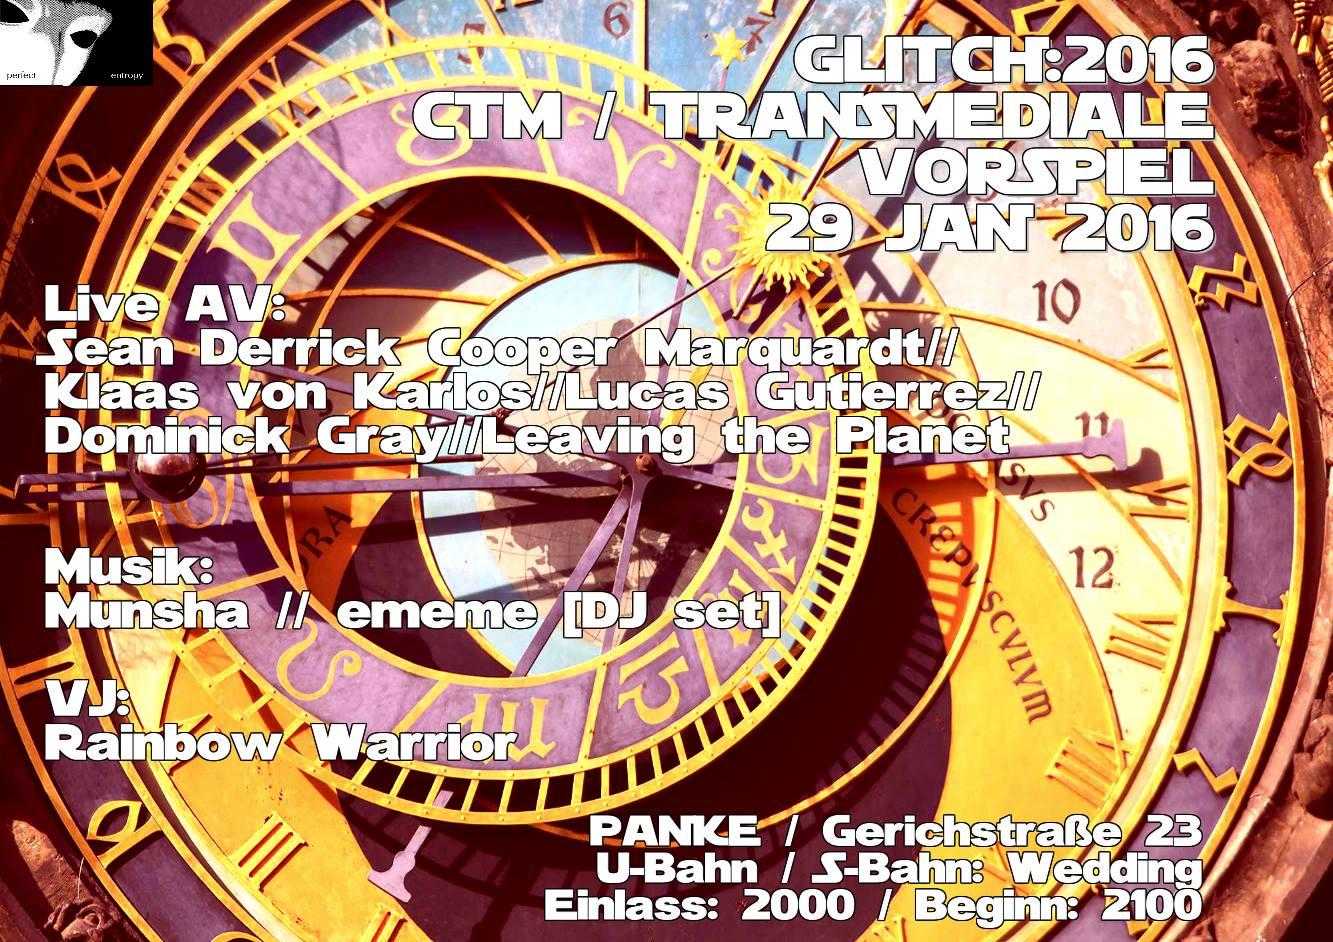 Glitch Berlin (CTM/Vorspiel)